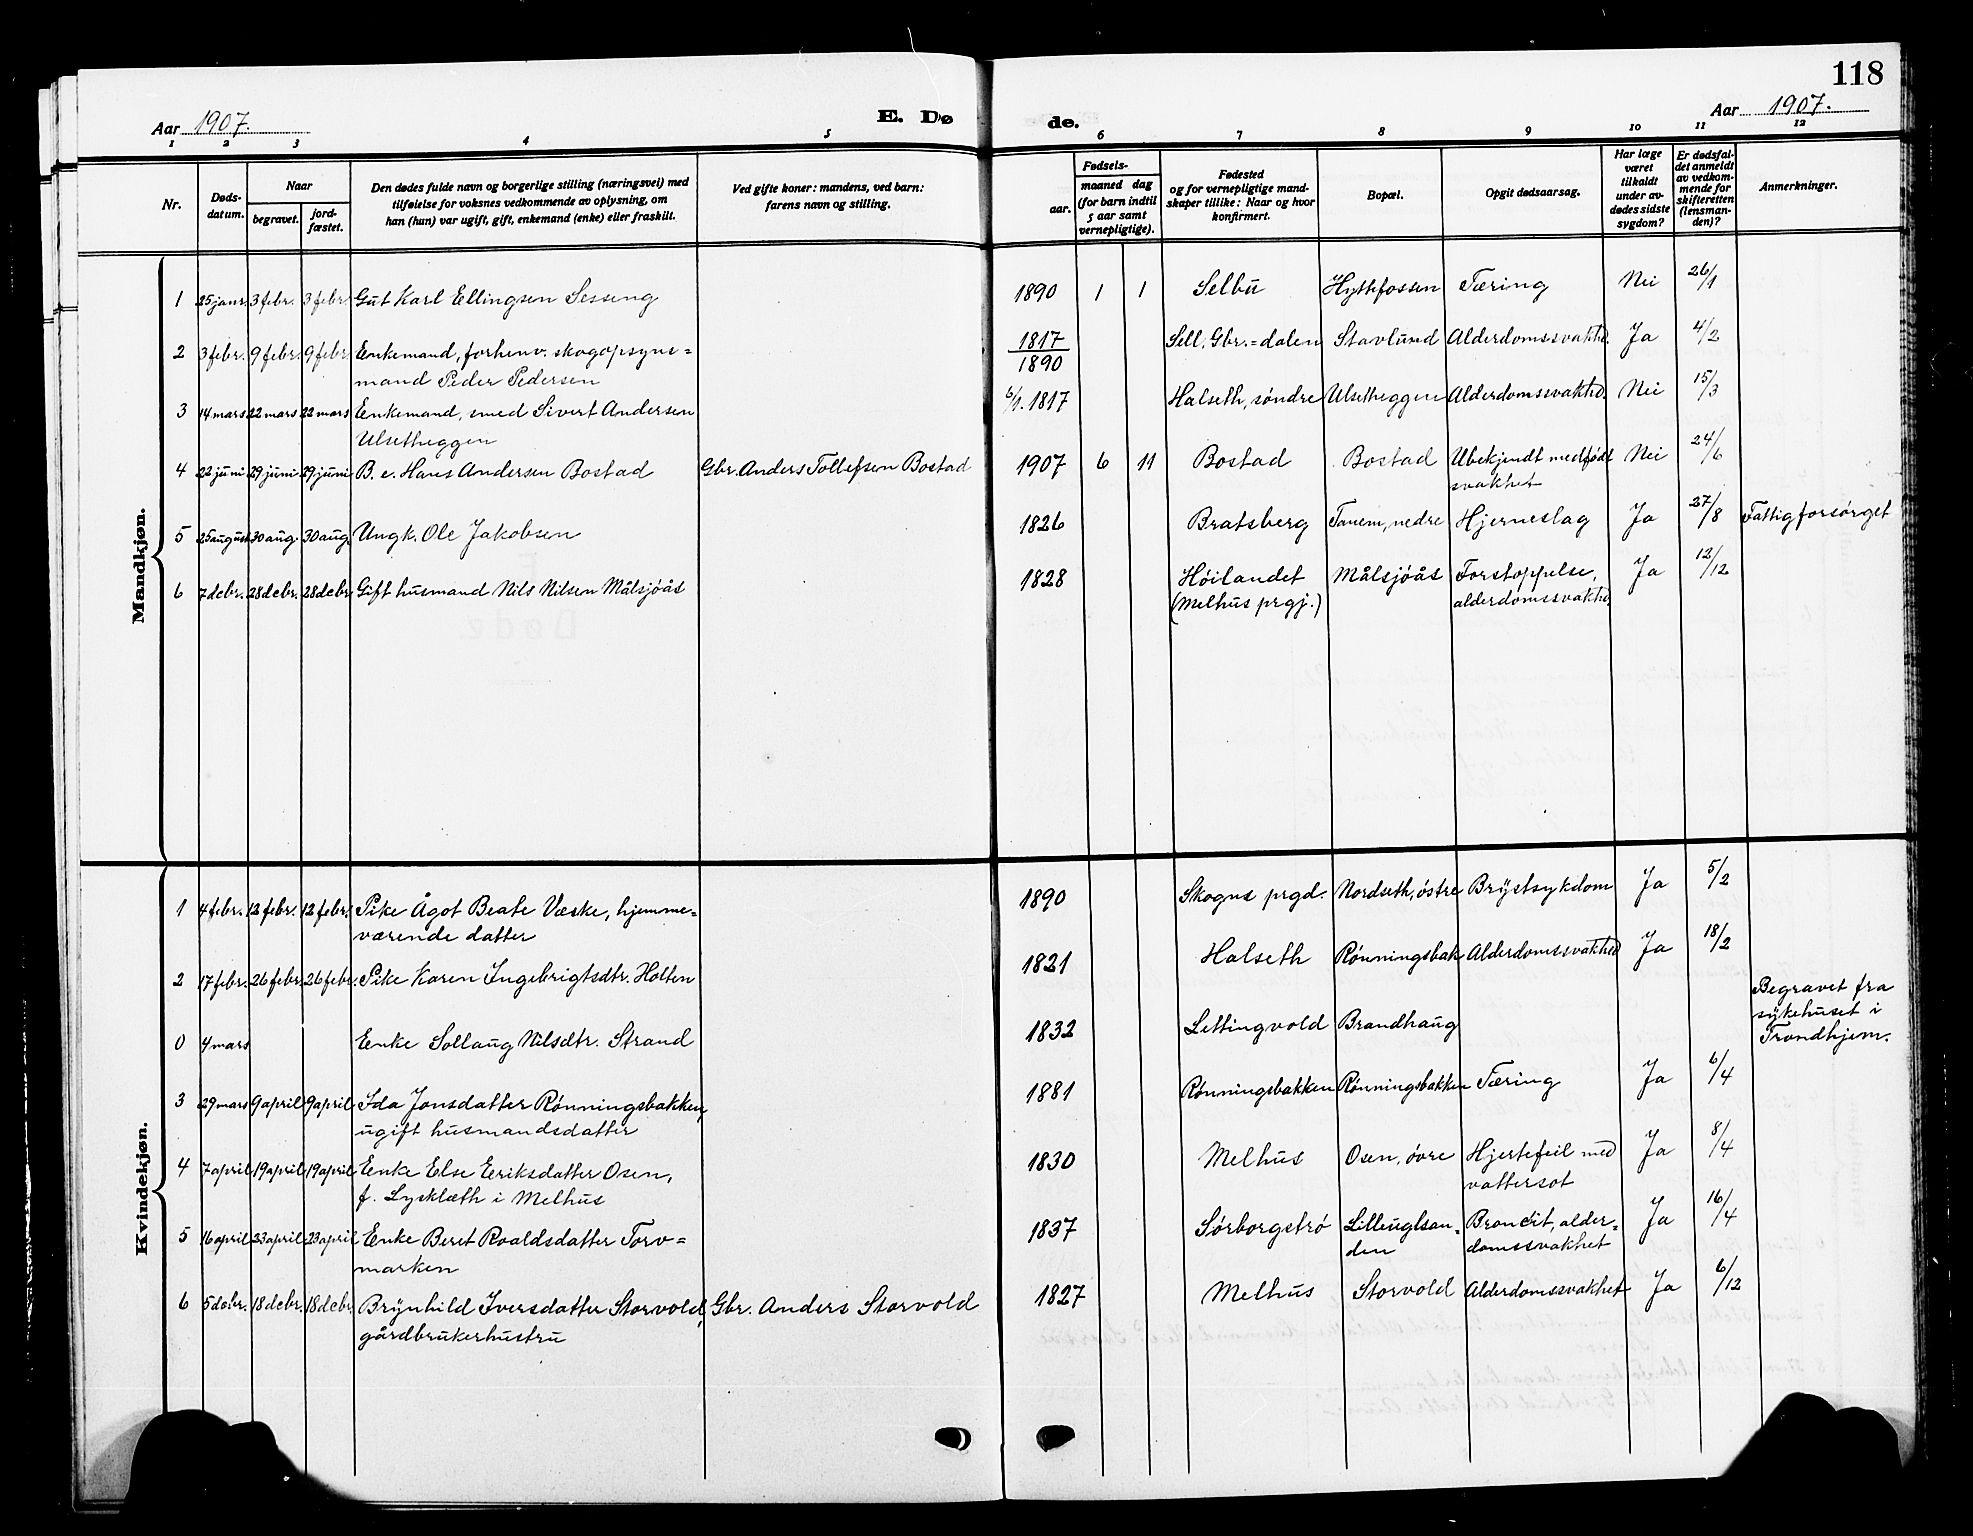 SAT, Ministerialprotokoller, klokkerbøker og fødselsregistre - Sør-Trøndelag, 618/L0453: Klokkerbok nr. 618C04, 1907-1925, s. 118